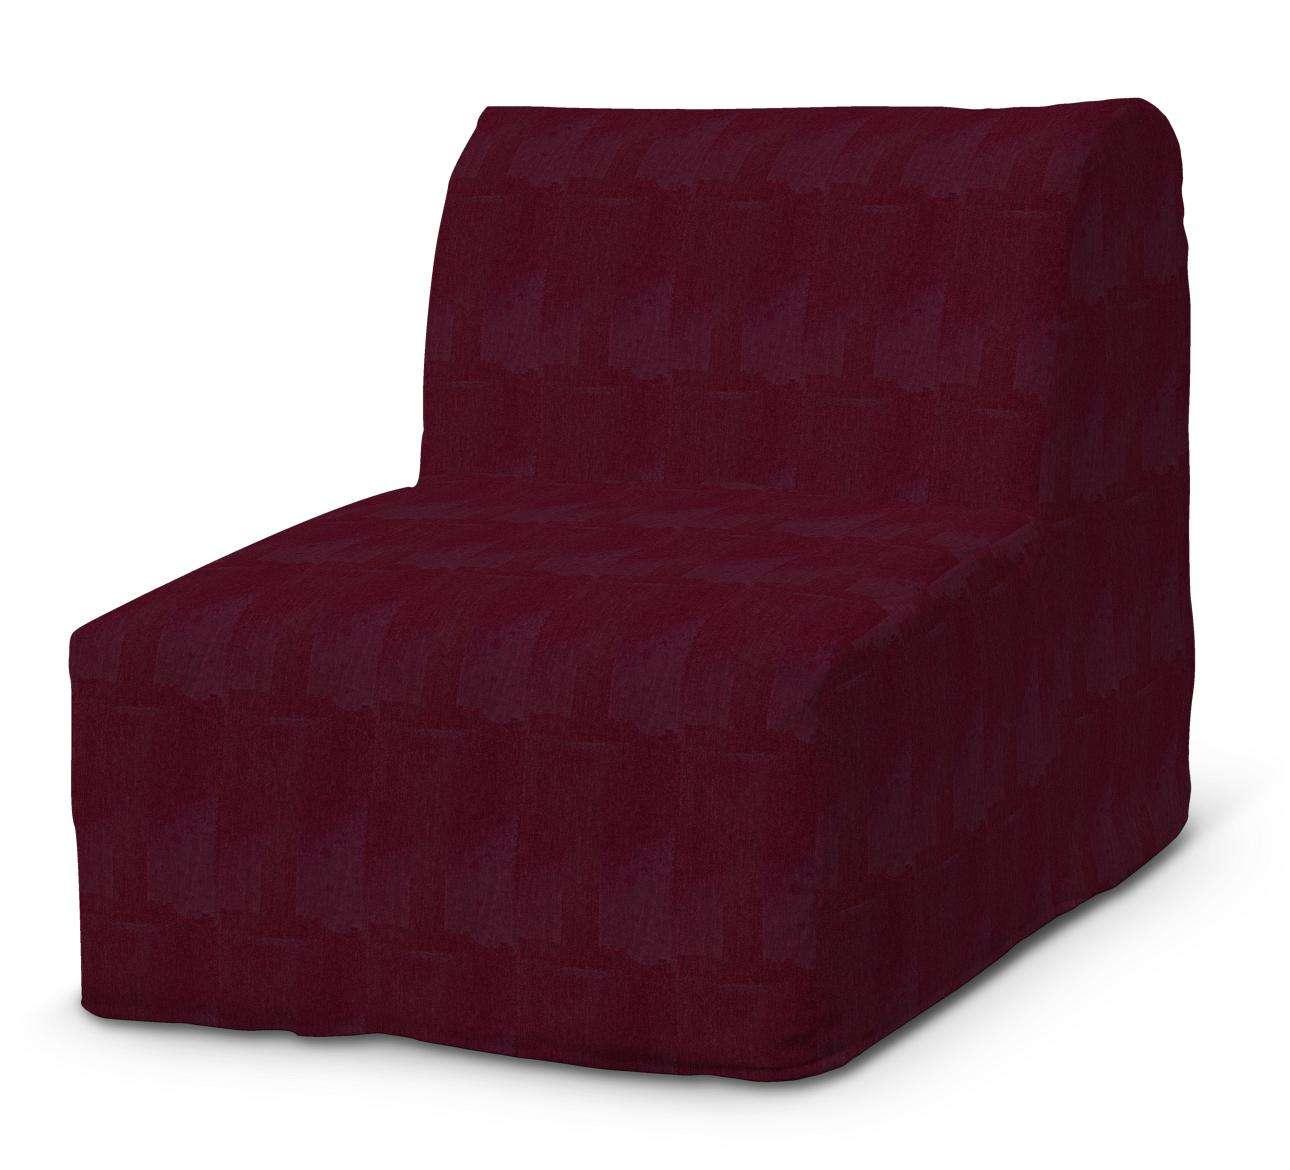 Pokrowiec na fotel Lycksele prosty w kolekcji Chenille, tkanina: 702-19